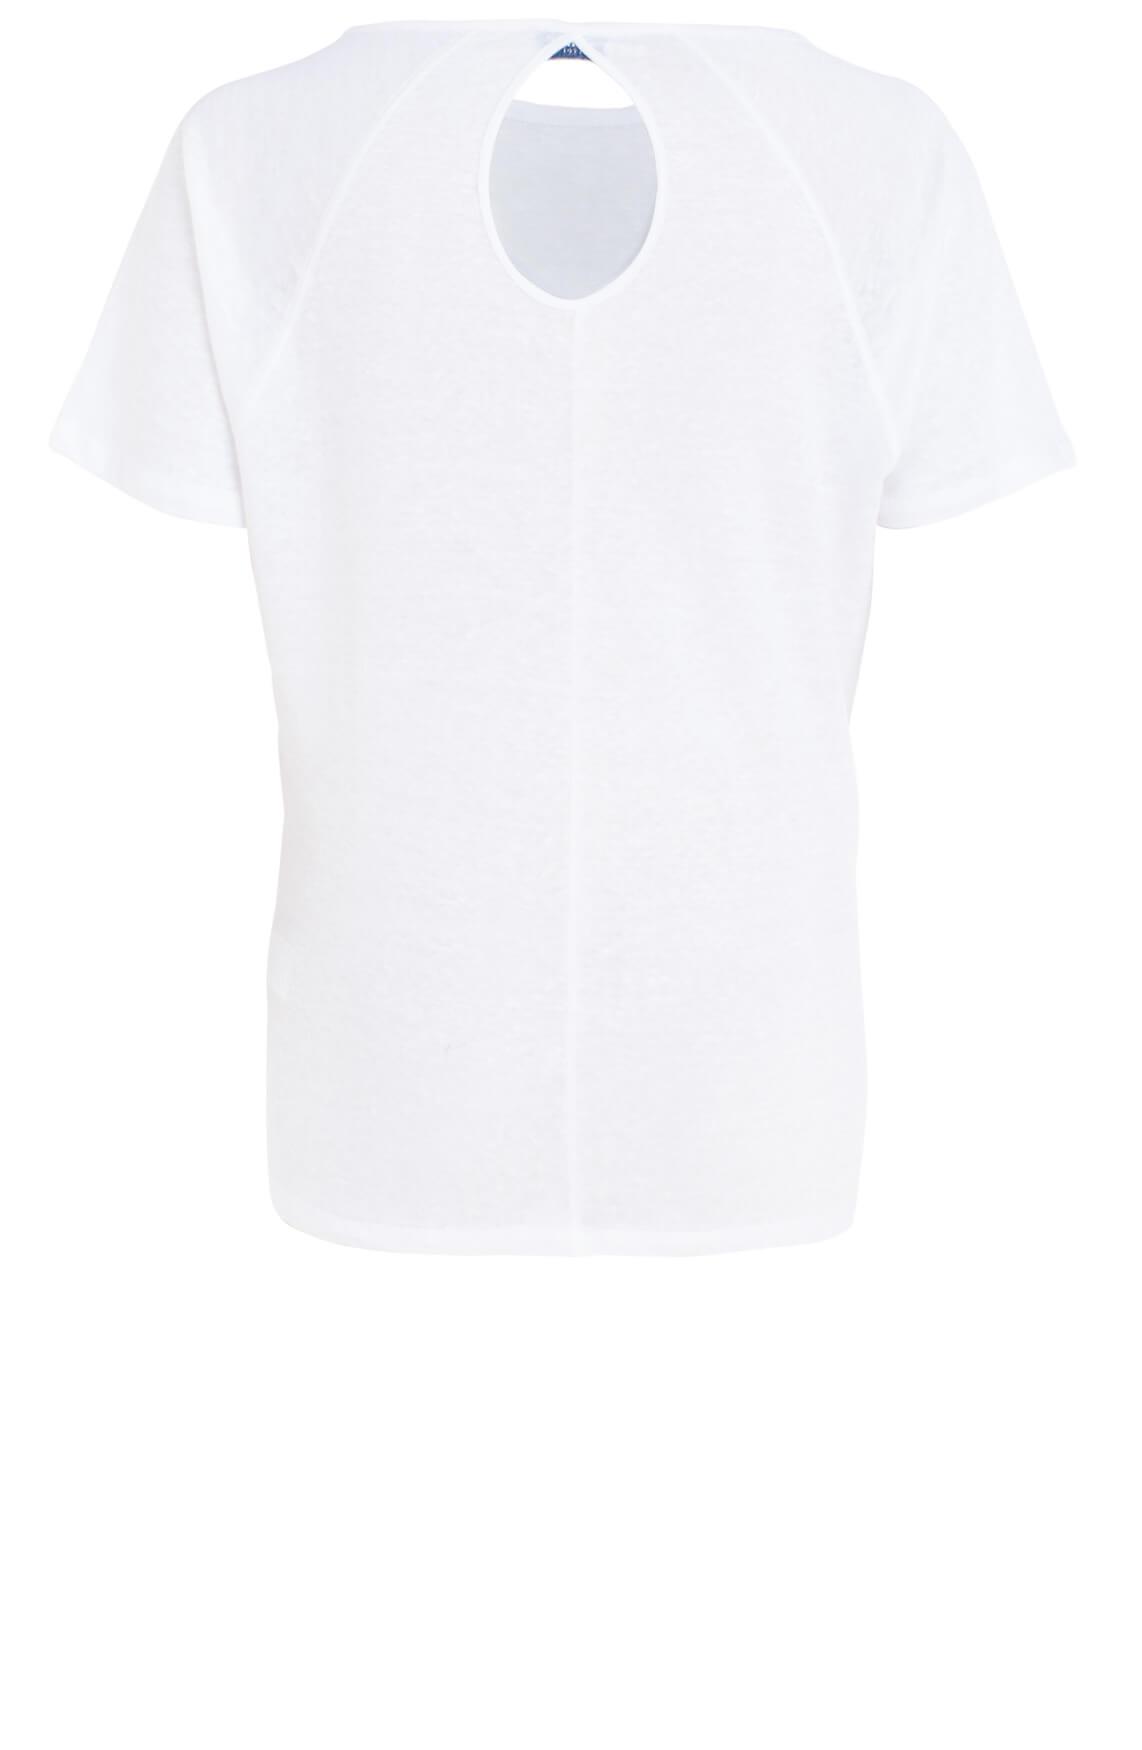 Anna Blue Dames Linnen shirt met knoopdetail wit